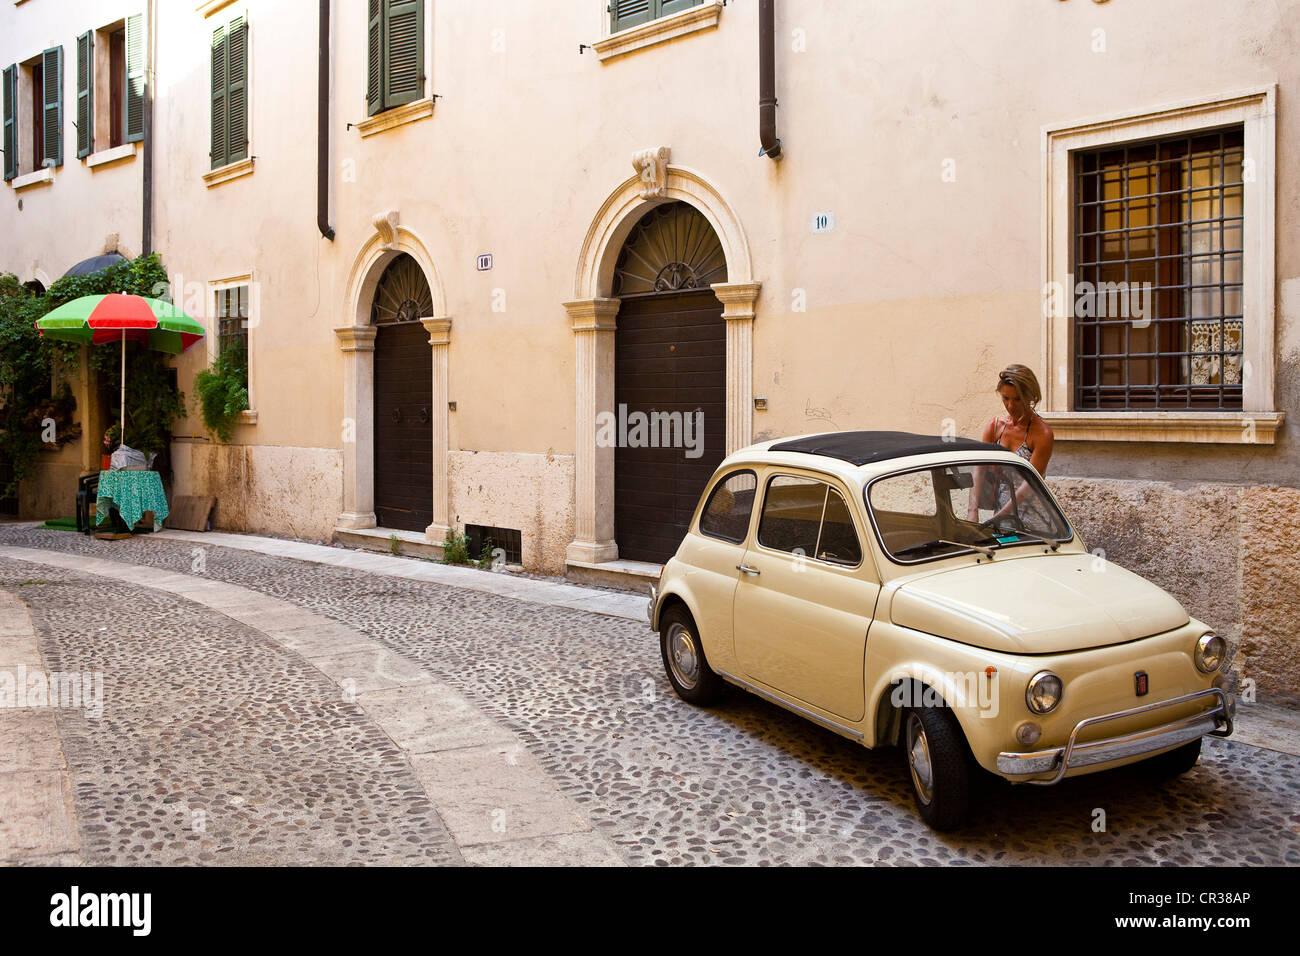 Italy, Veneto, Verona, a Fiat 500 - Stock Image